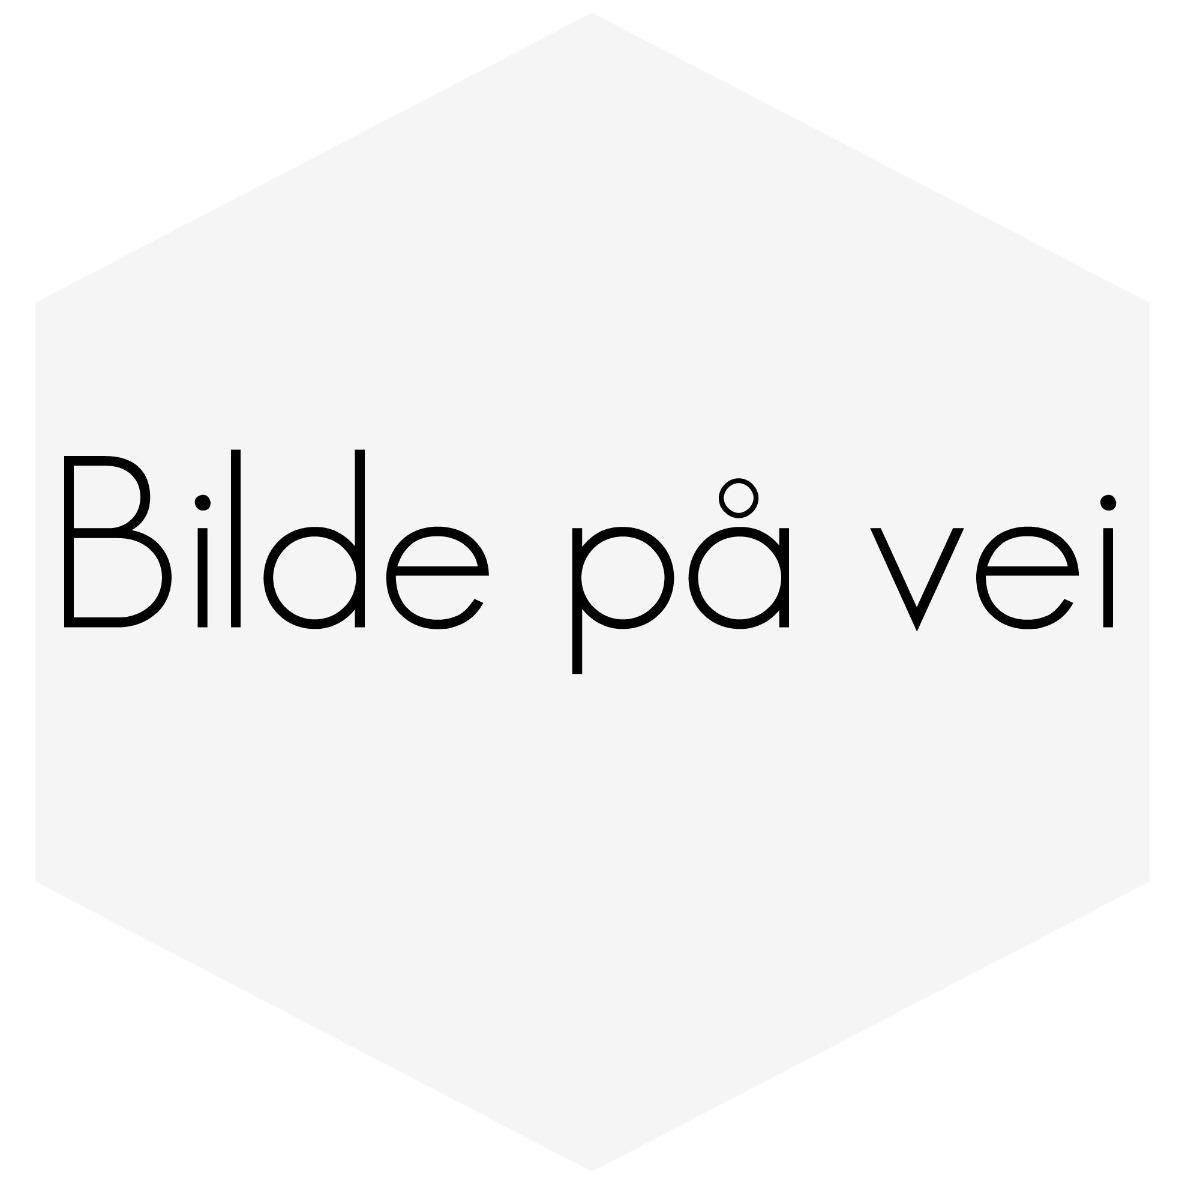 INSTRUMENT  GIVER TIL OLJETRYKKSMÅLER M18X1,5